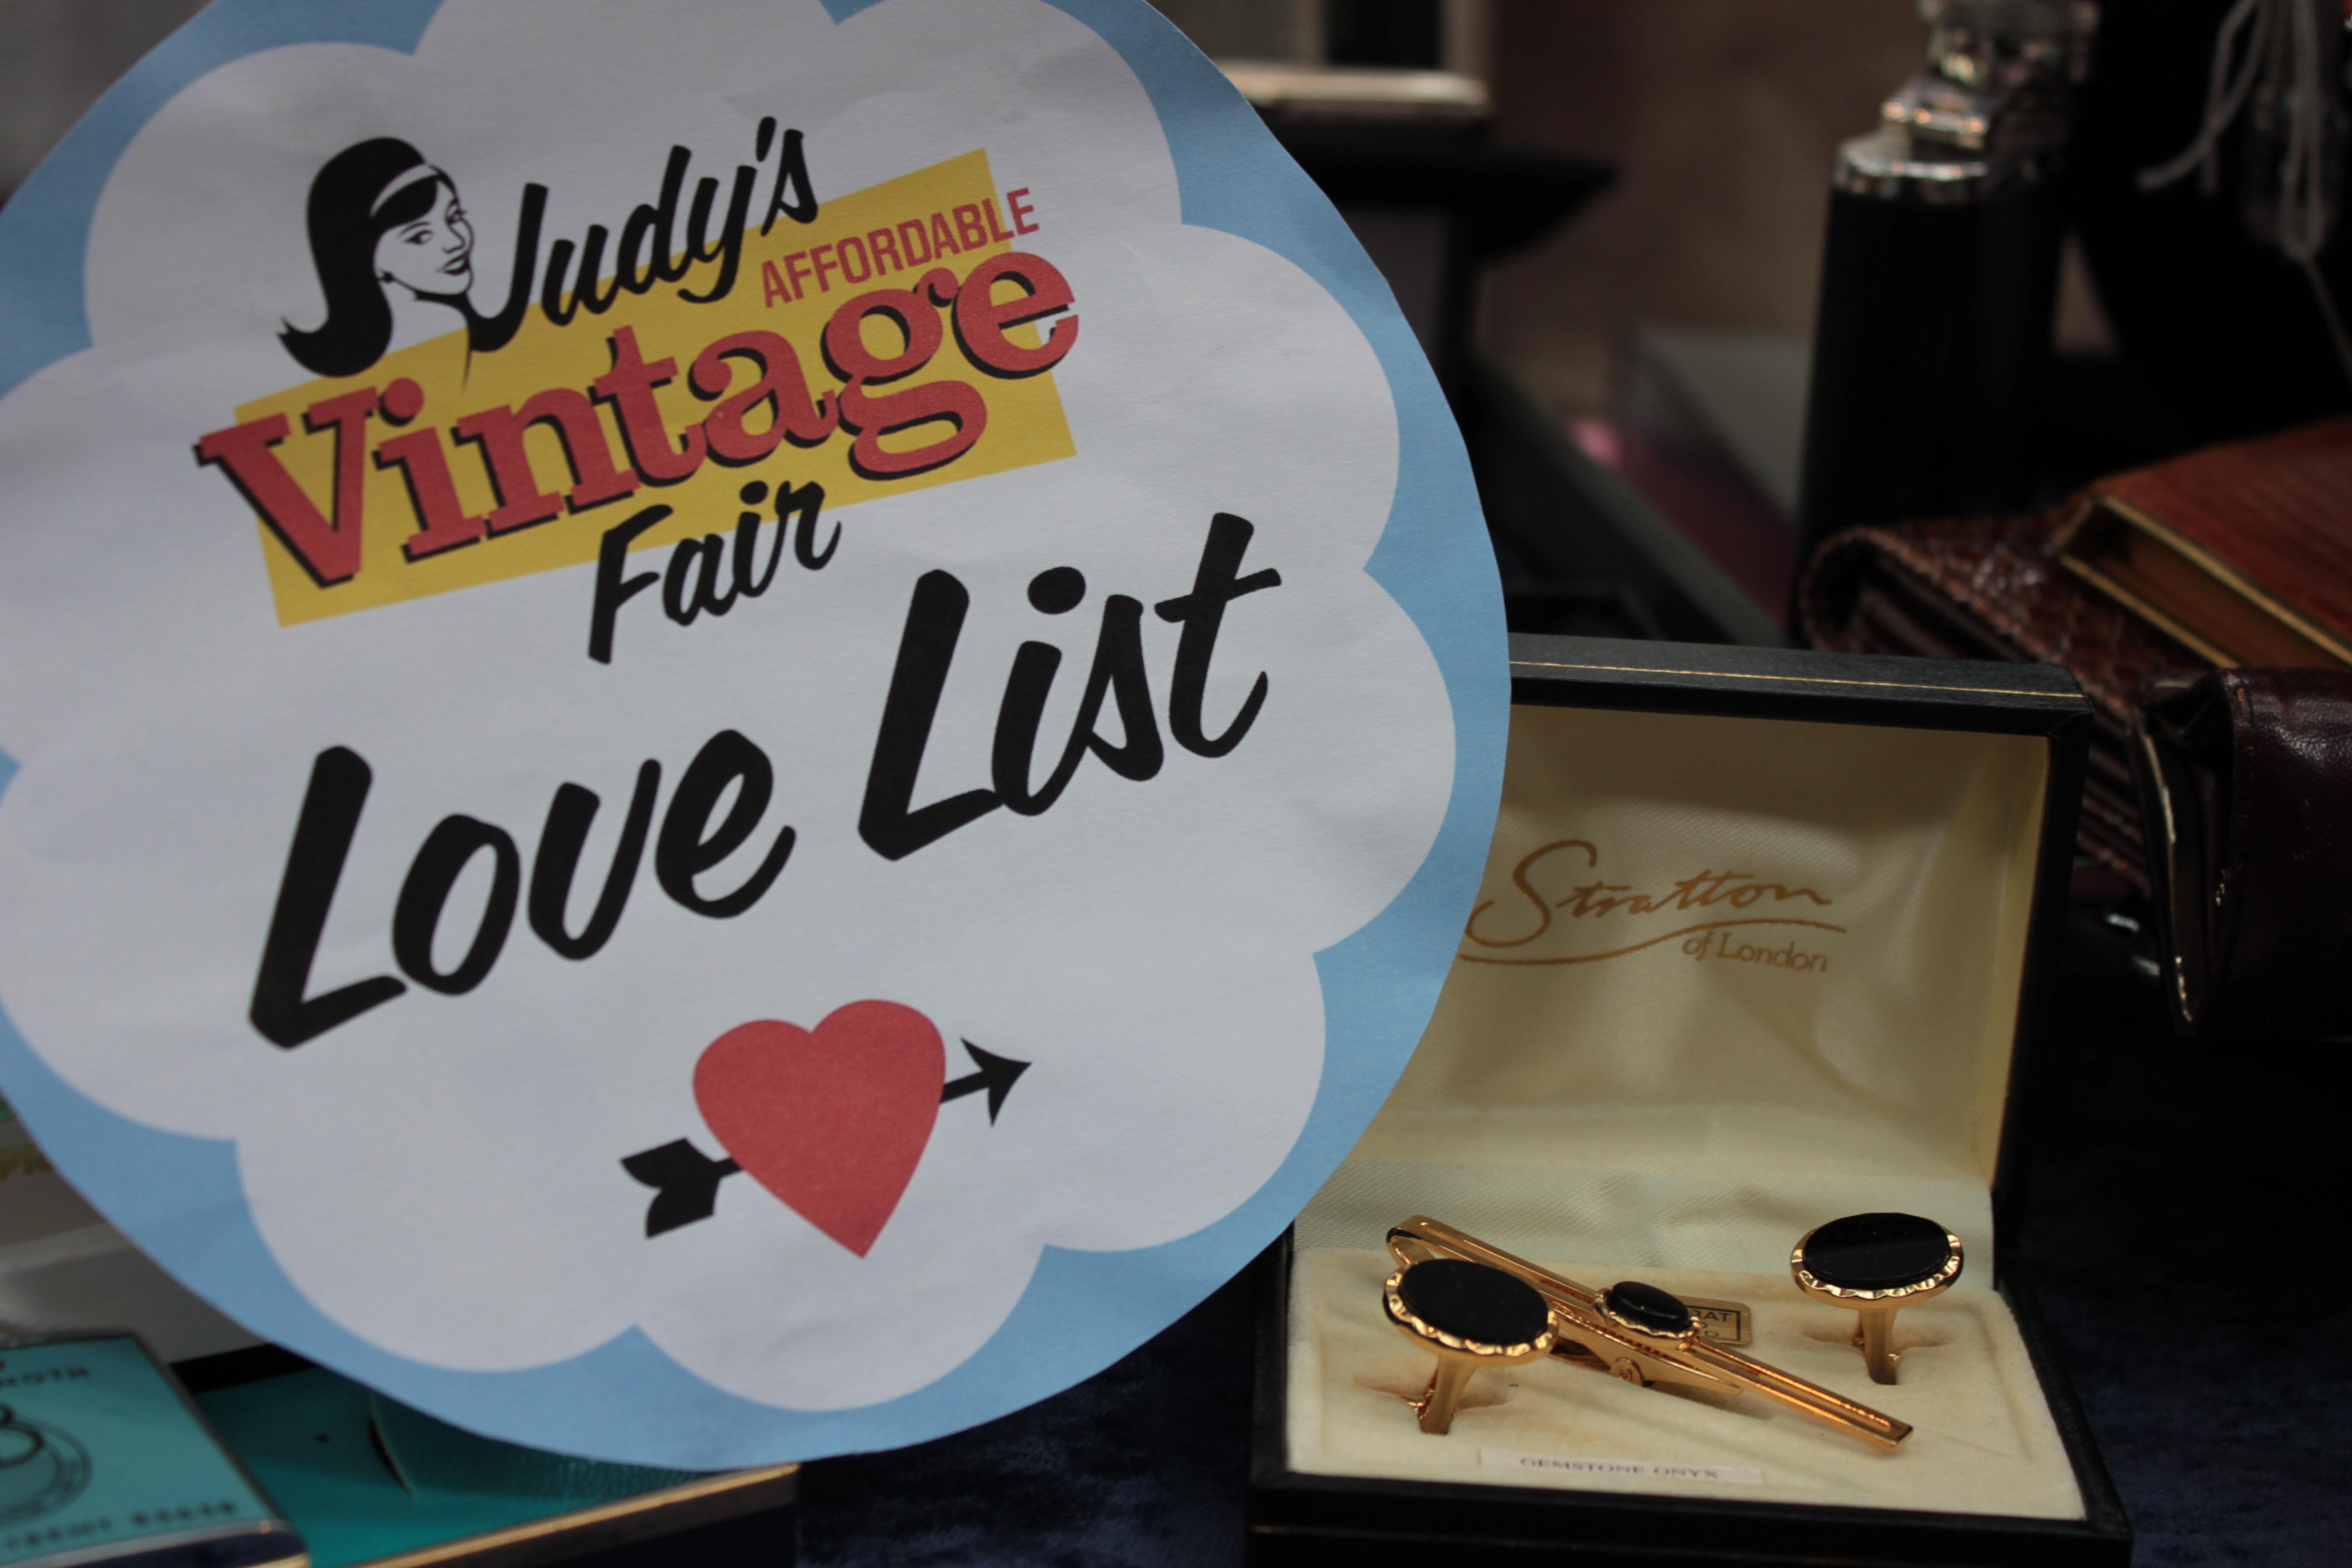 Judy's Affordable Vintage Fair Spitalfields